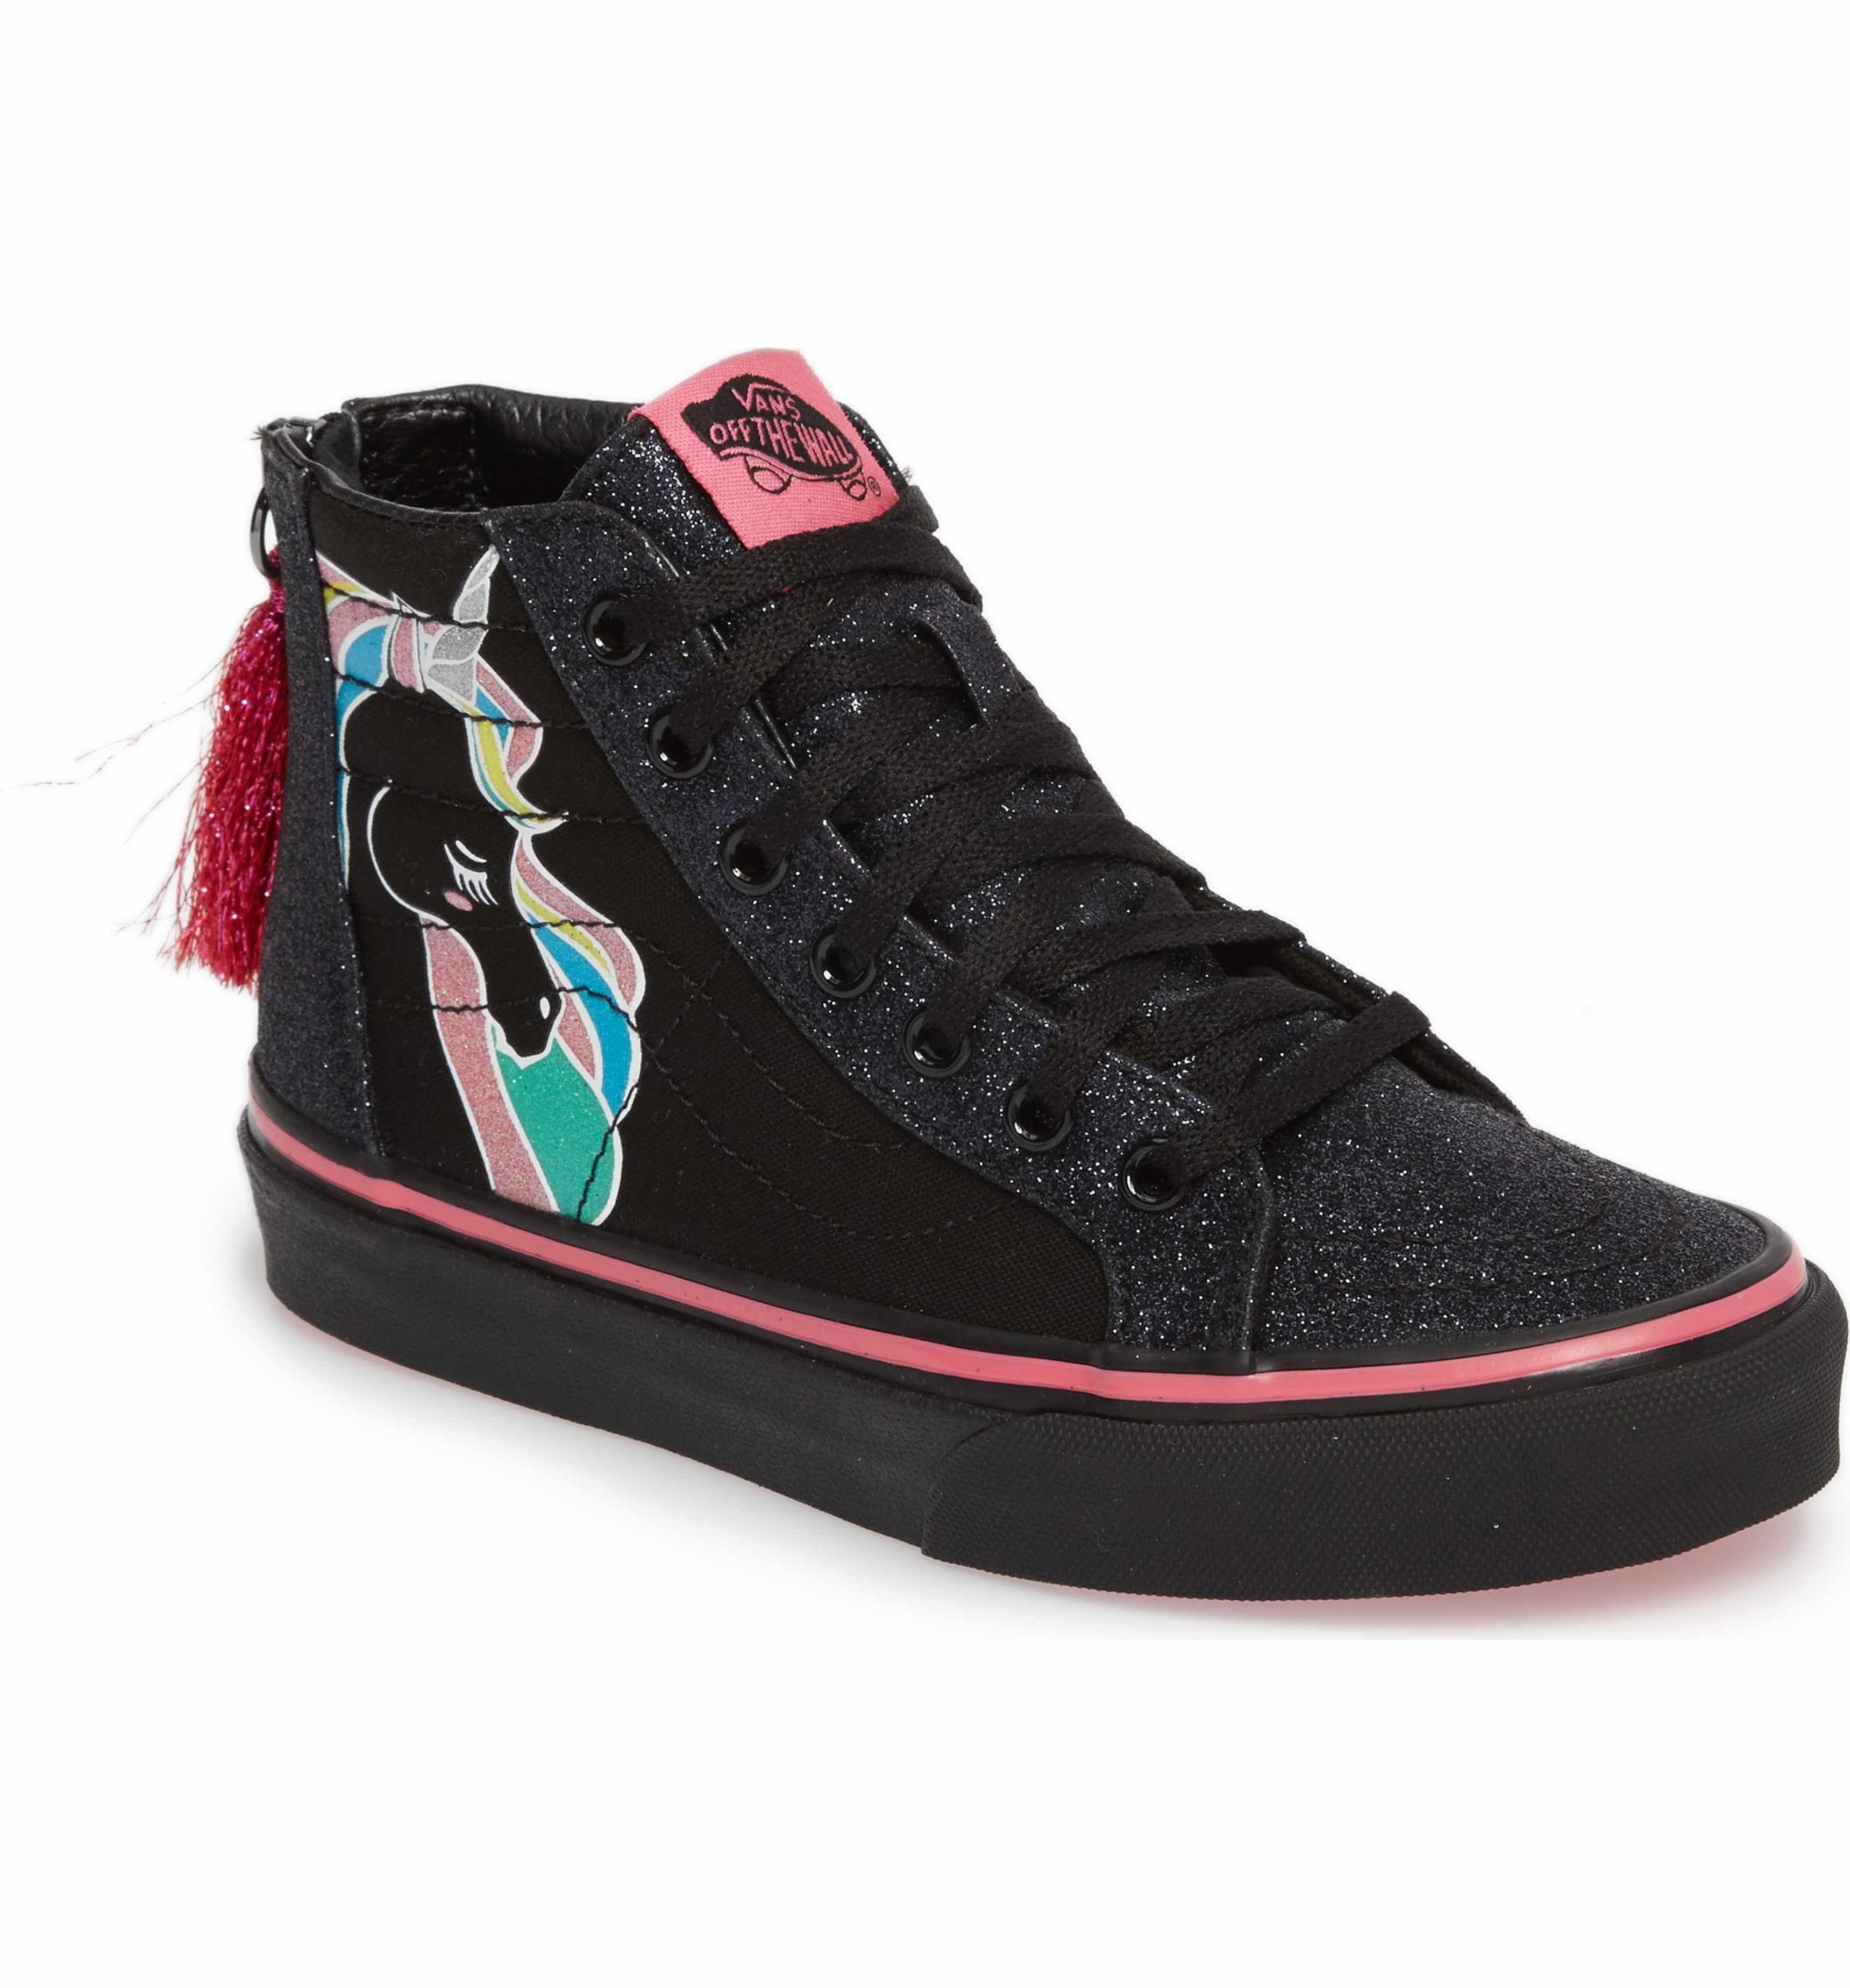 47900537a8 Main Image - Vans Sk8-Hi Zip Unicorn Glitter High Top Sneaker (Baby ...